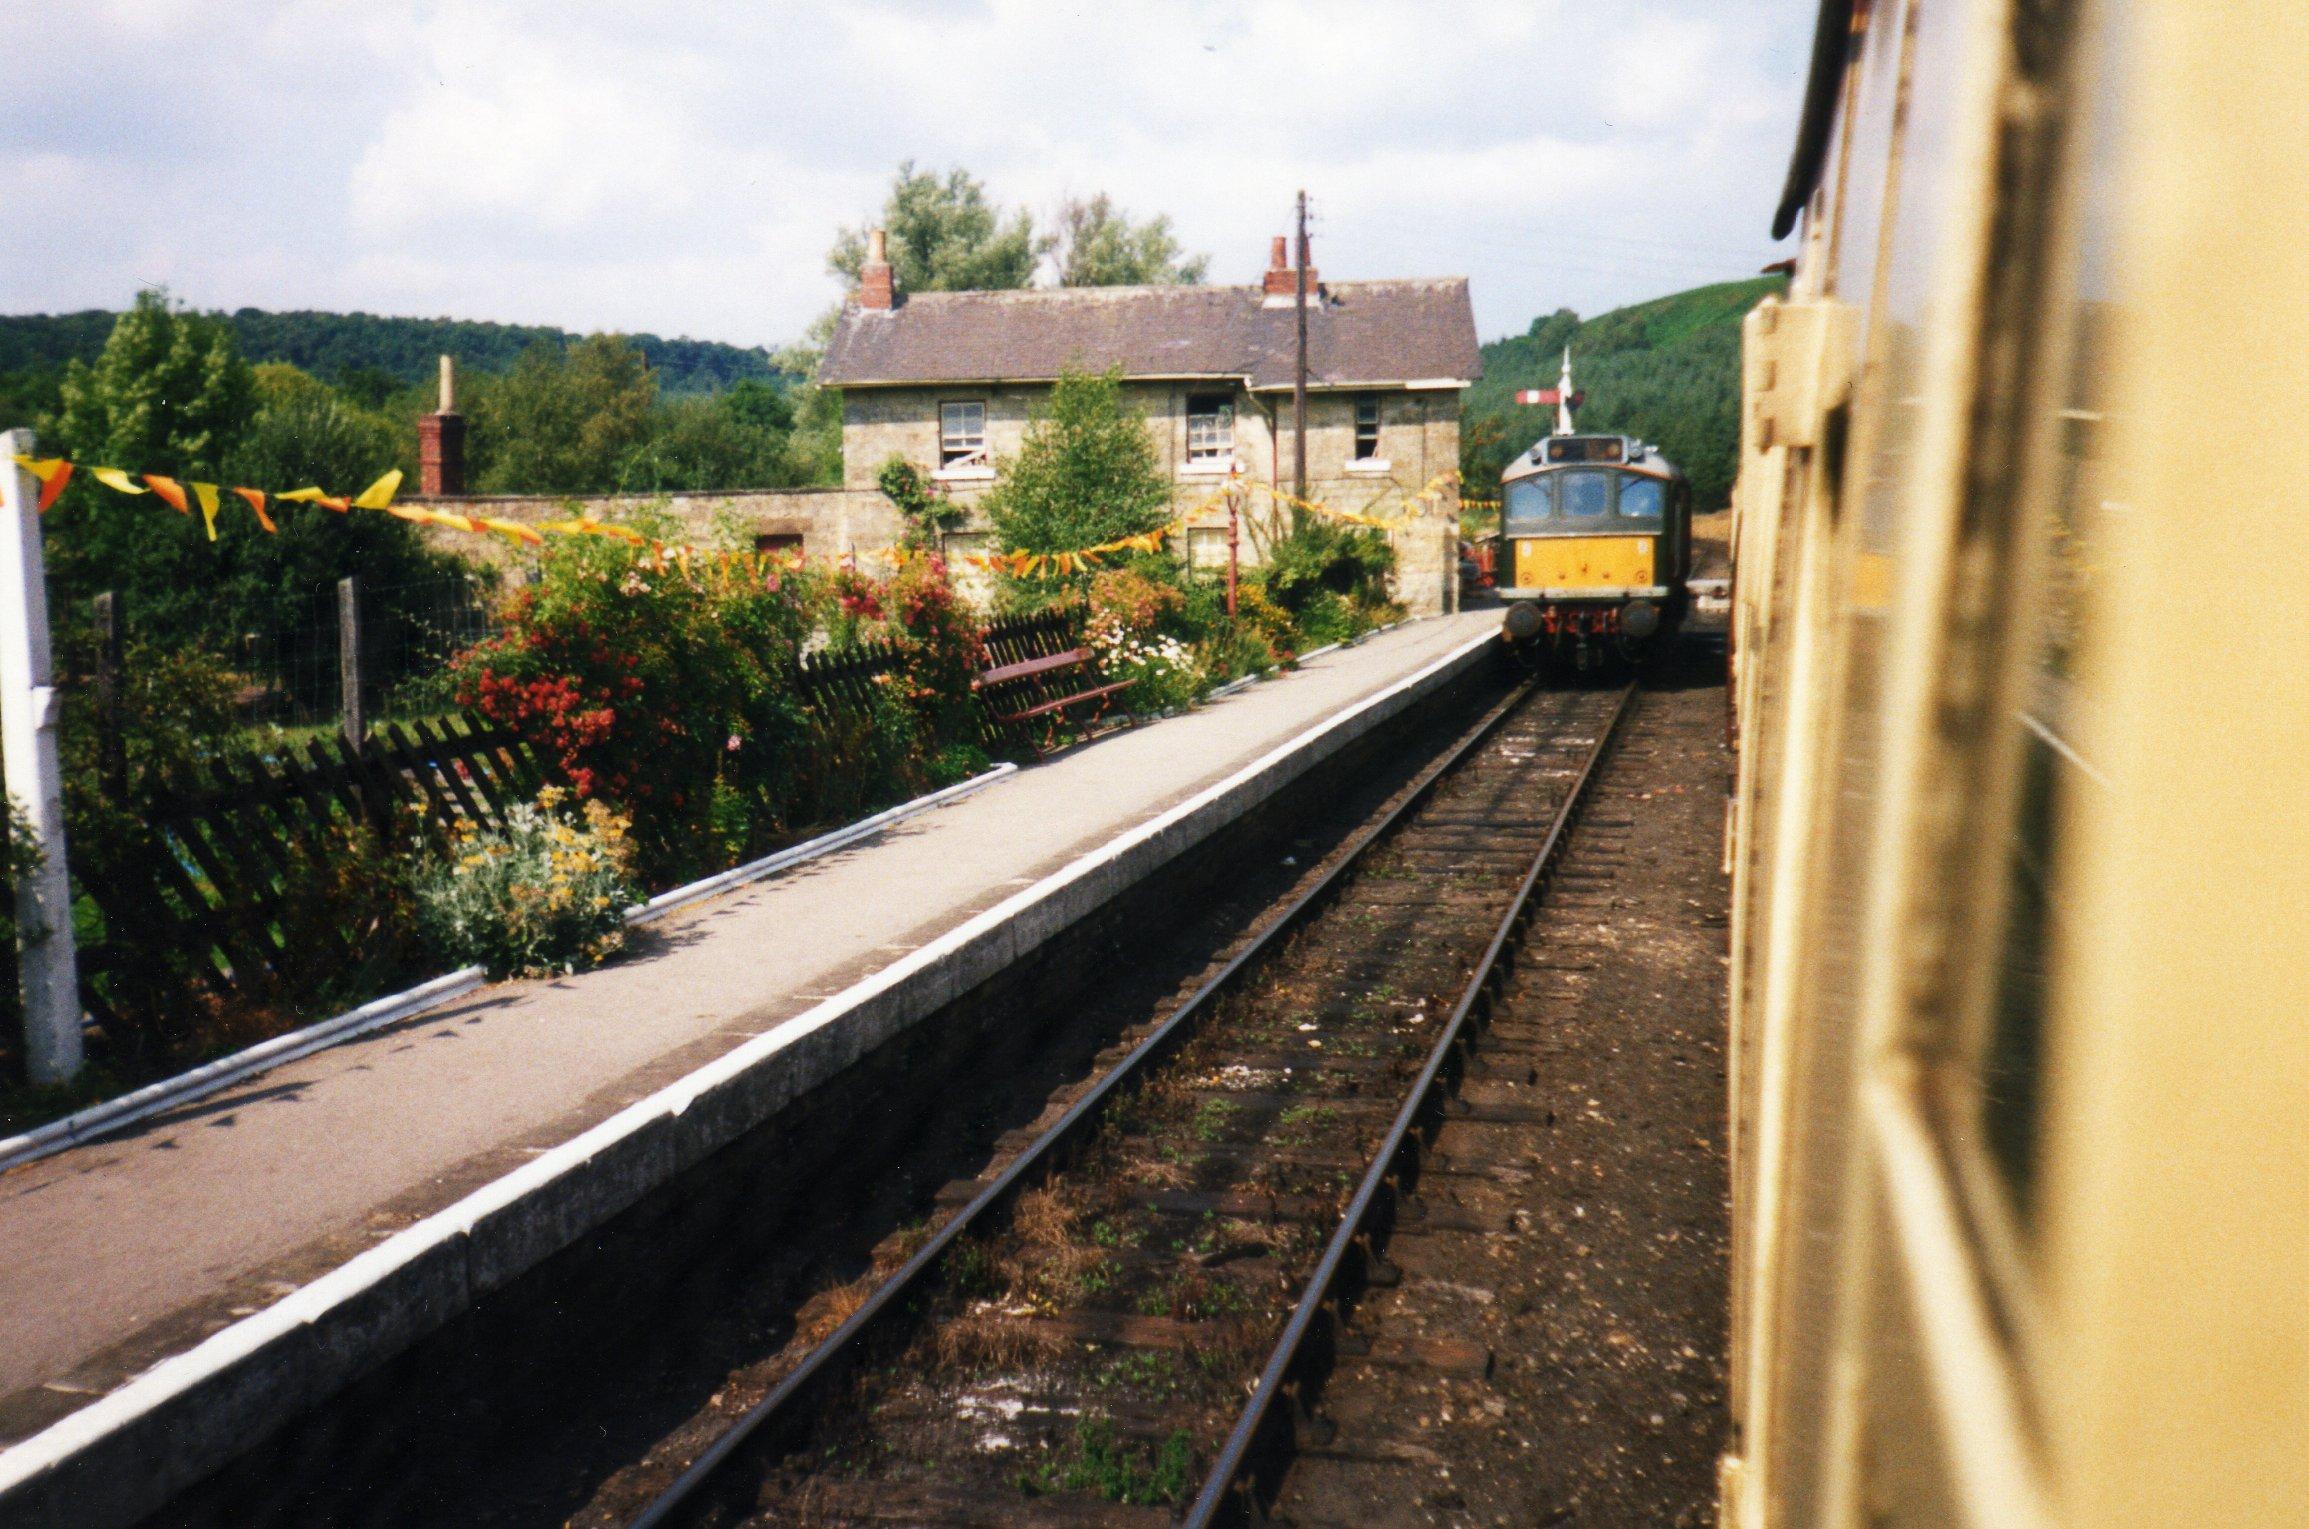 Diesel engine passing Levisham